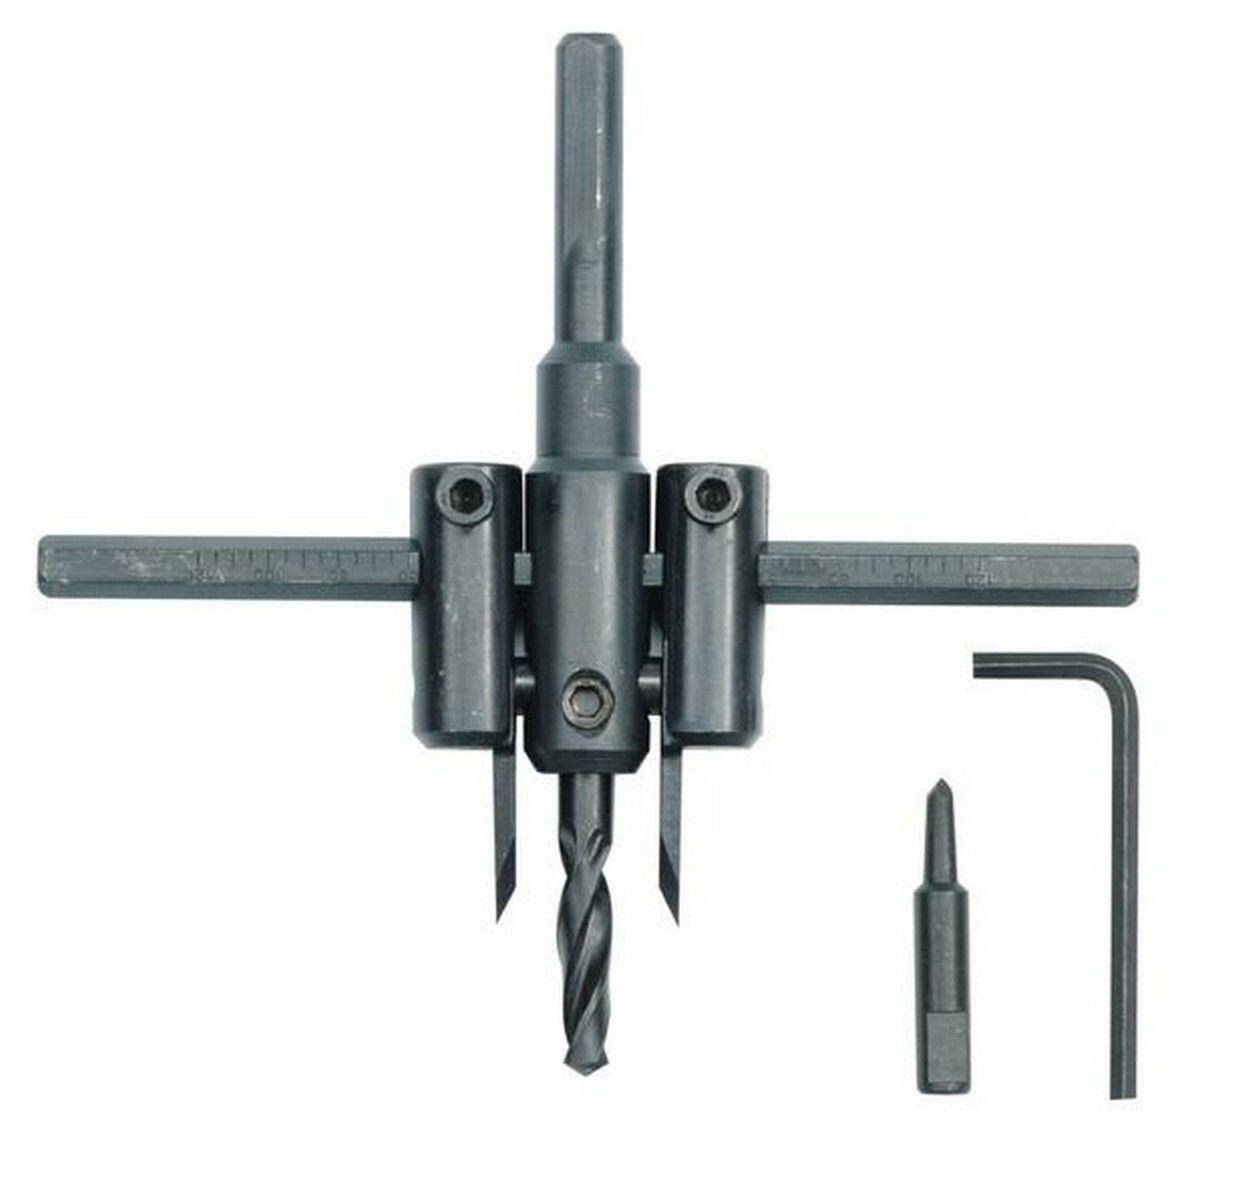 Výkružník do PVC 30 - 120 mm TOYA